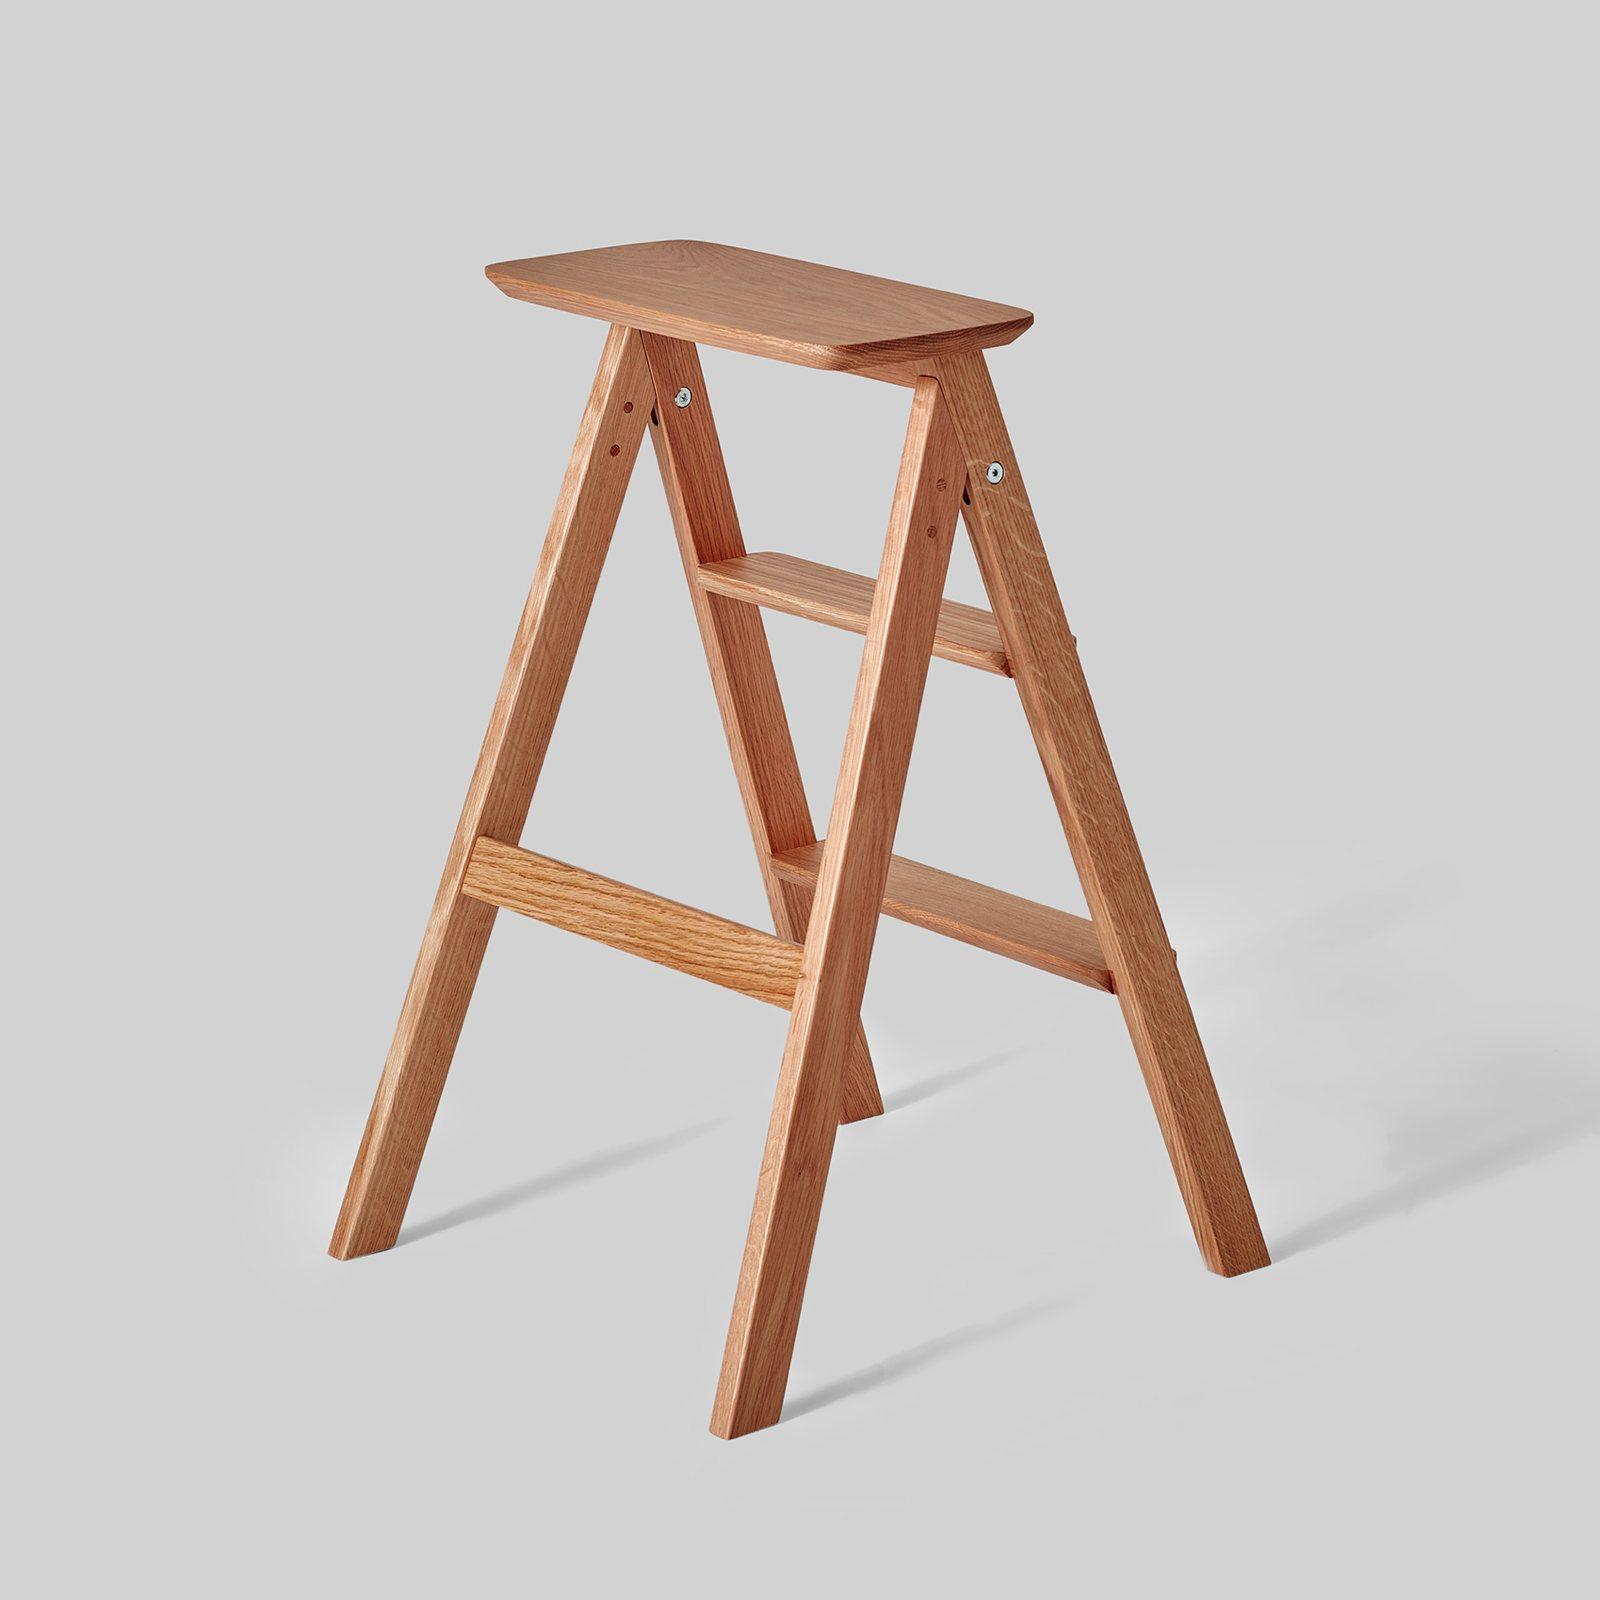 So Ho Step Ladder By Miska Kuntsi For Very Good Amp Proper